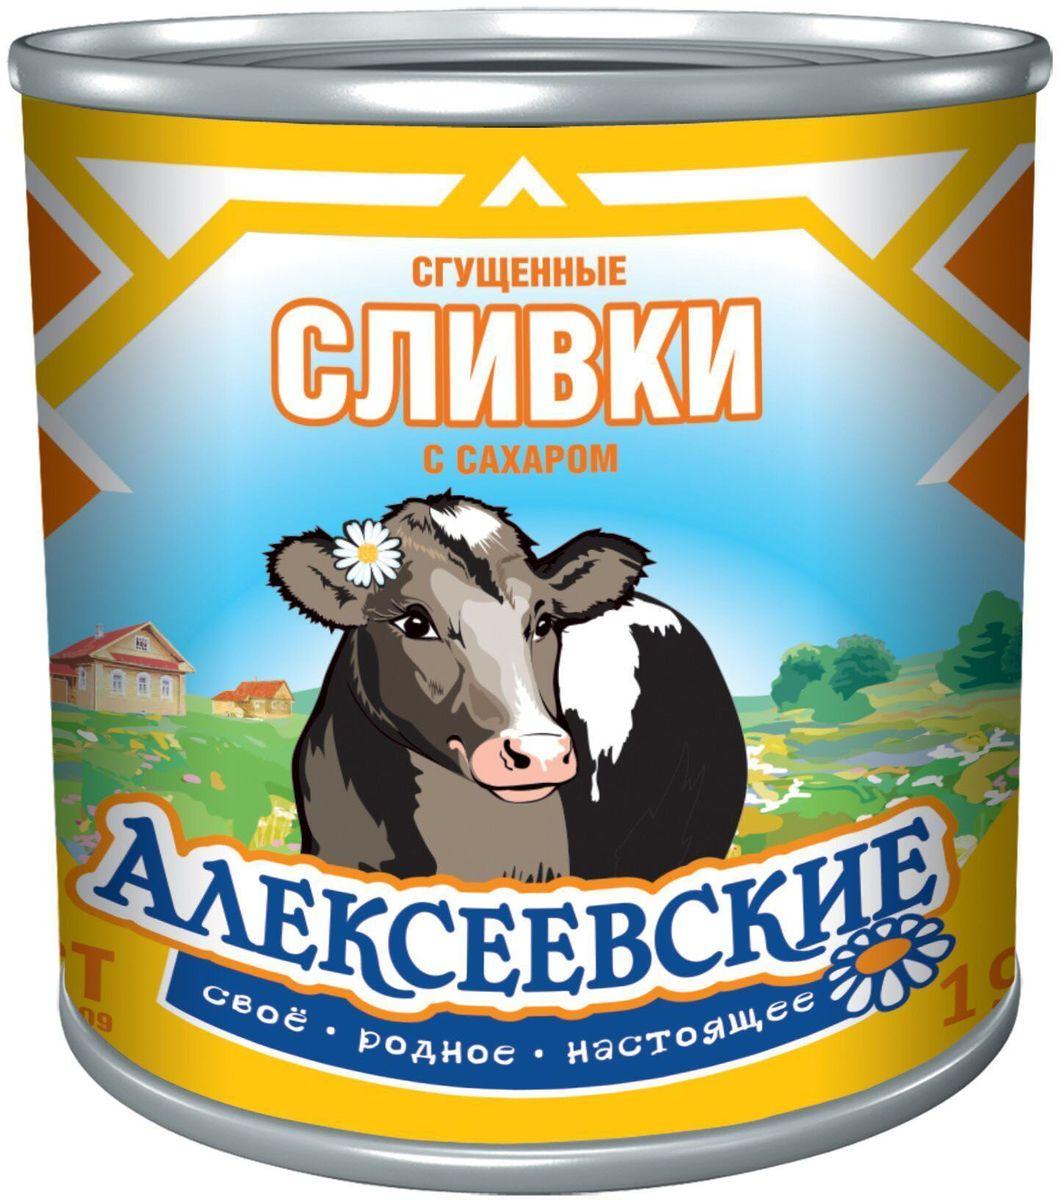 Сливки сгущенные с сахаром 19% Алексеевские из цельного и обезжиренного молока, густой продукт с насыщенным вкусом. Отличная добавка в чай и кофе, прекрасная начинка для кулинарных изделий. Пищевая ценность на 100 г продукта: жиры - 8.5 г, бекков - 7.2 г, углеводов - 56 г.